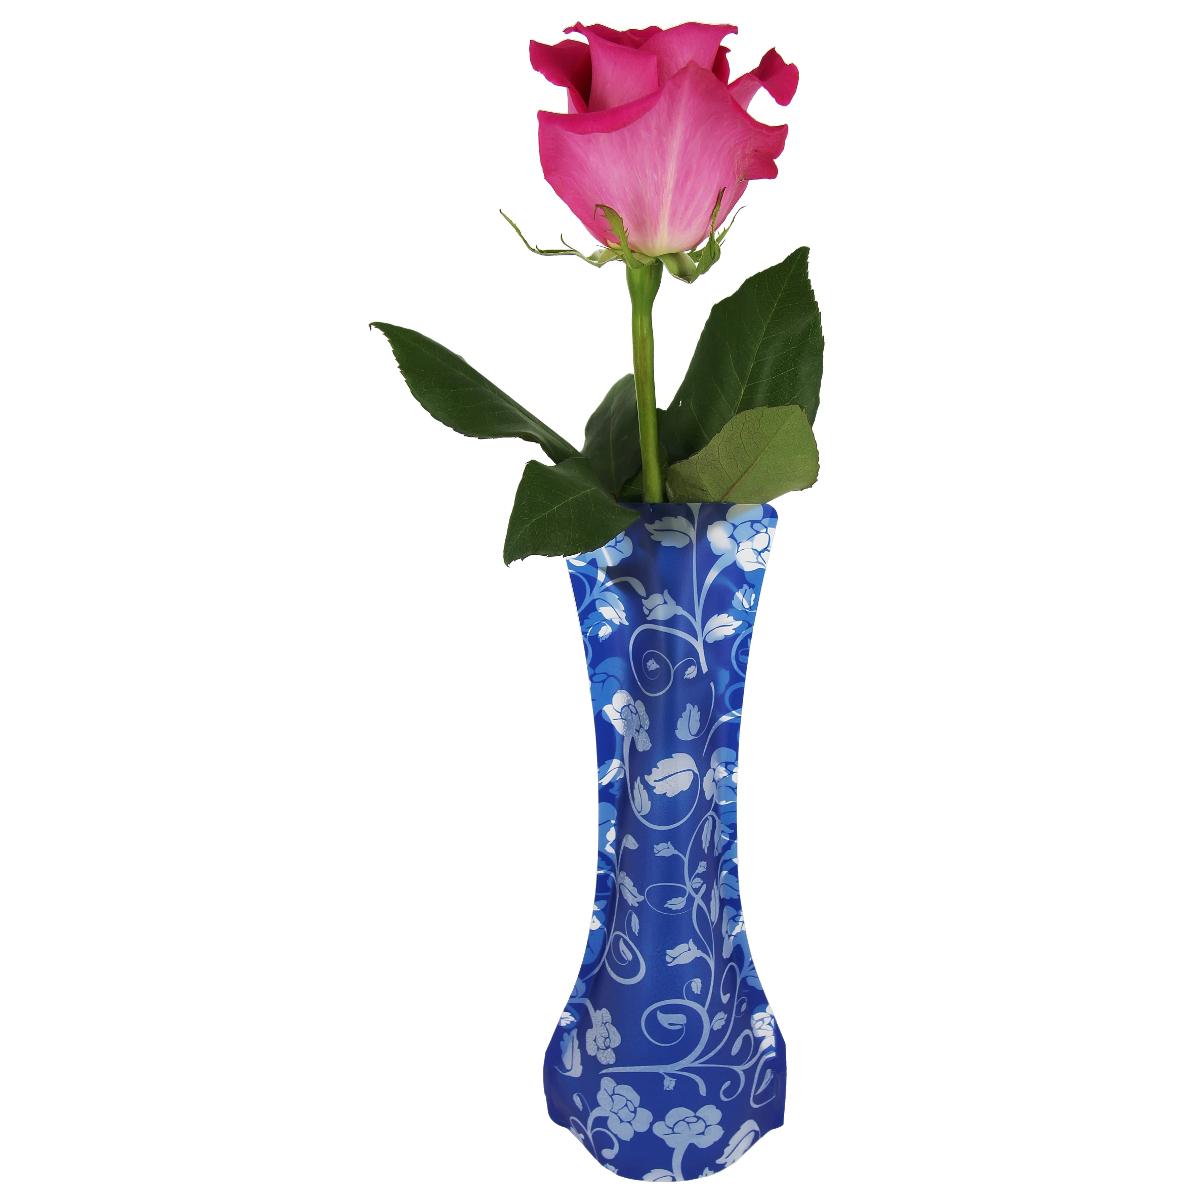 Ваза МастерПроф Синие бутоны, пластичная, 0,4 лHS.040038Пластичная ваза Синие бутоны легко складывается, удобно хранится - занимает мало места, долго служит. Всегда пригодится дома, в офисе, на даче, для оформления различных меропритятий. Отлично подойдет для перевозки цветов, или просто в подарок. Инструкция: 1. Наполните вазу теплой водой; 2. Дно и стенки расправятся; 3. Вылейте воду; 4. Наполните вазу холодной водой; 5. Вставьте цветы. Меры предосторожности: Хранить вдали от источников тепла и яркого солнечного света. С осторожностью применять для растений с длинными стеблями и с крупными соцветиями, что бы избежать опрокидывания вазы.